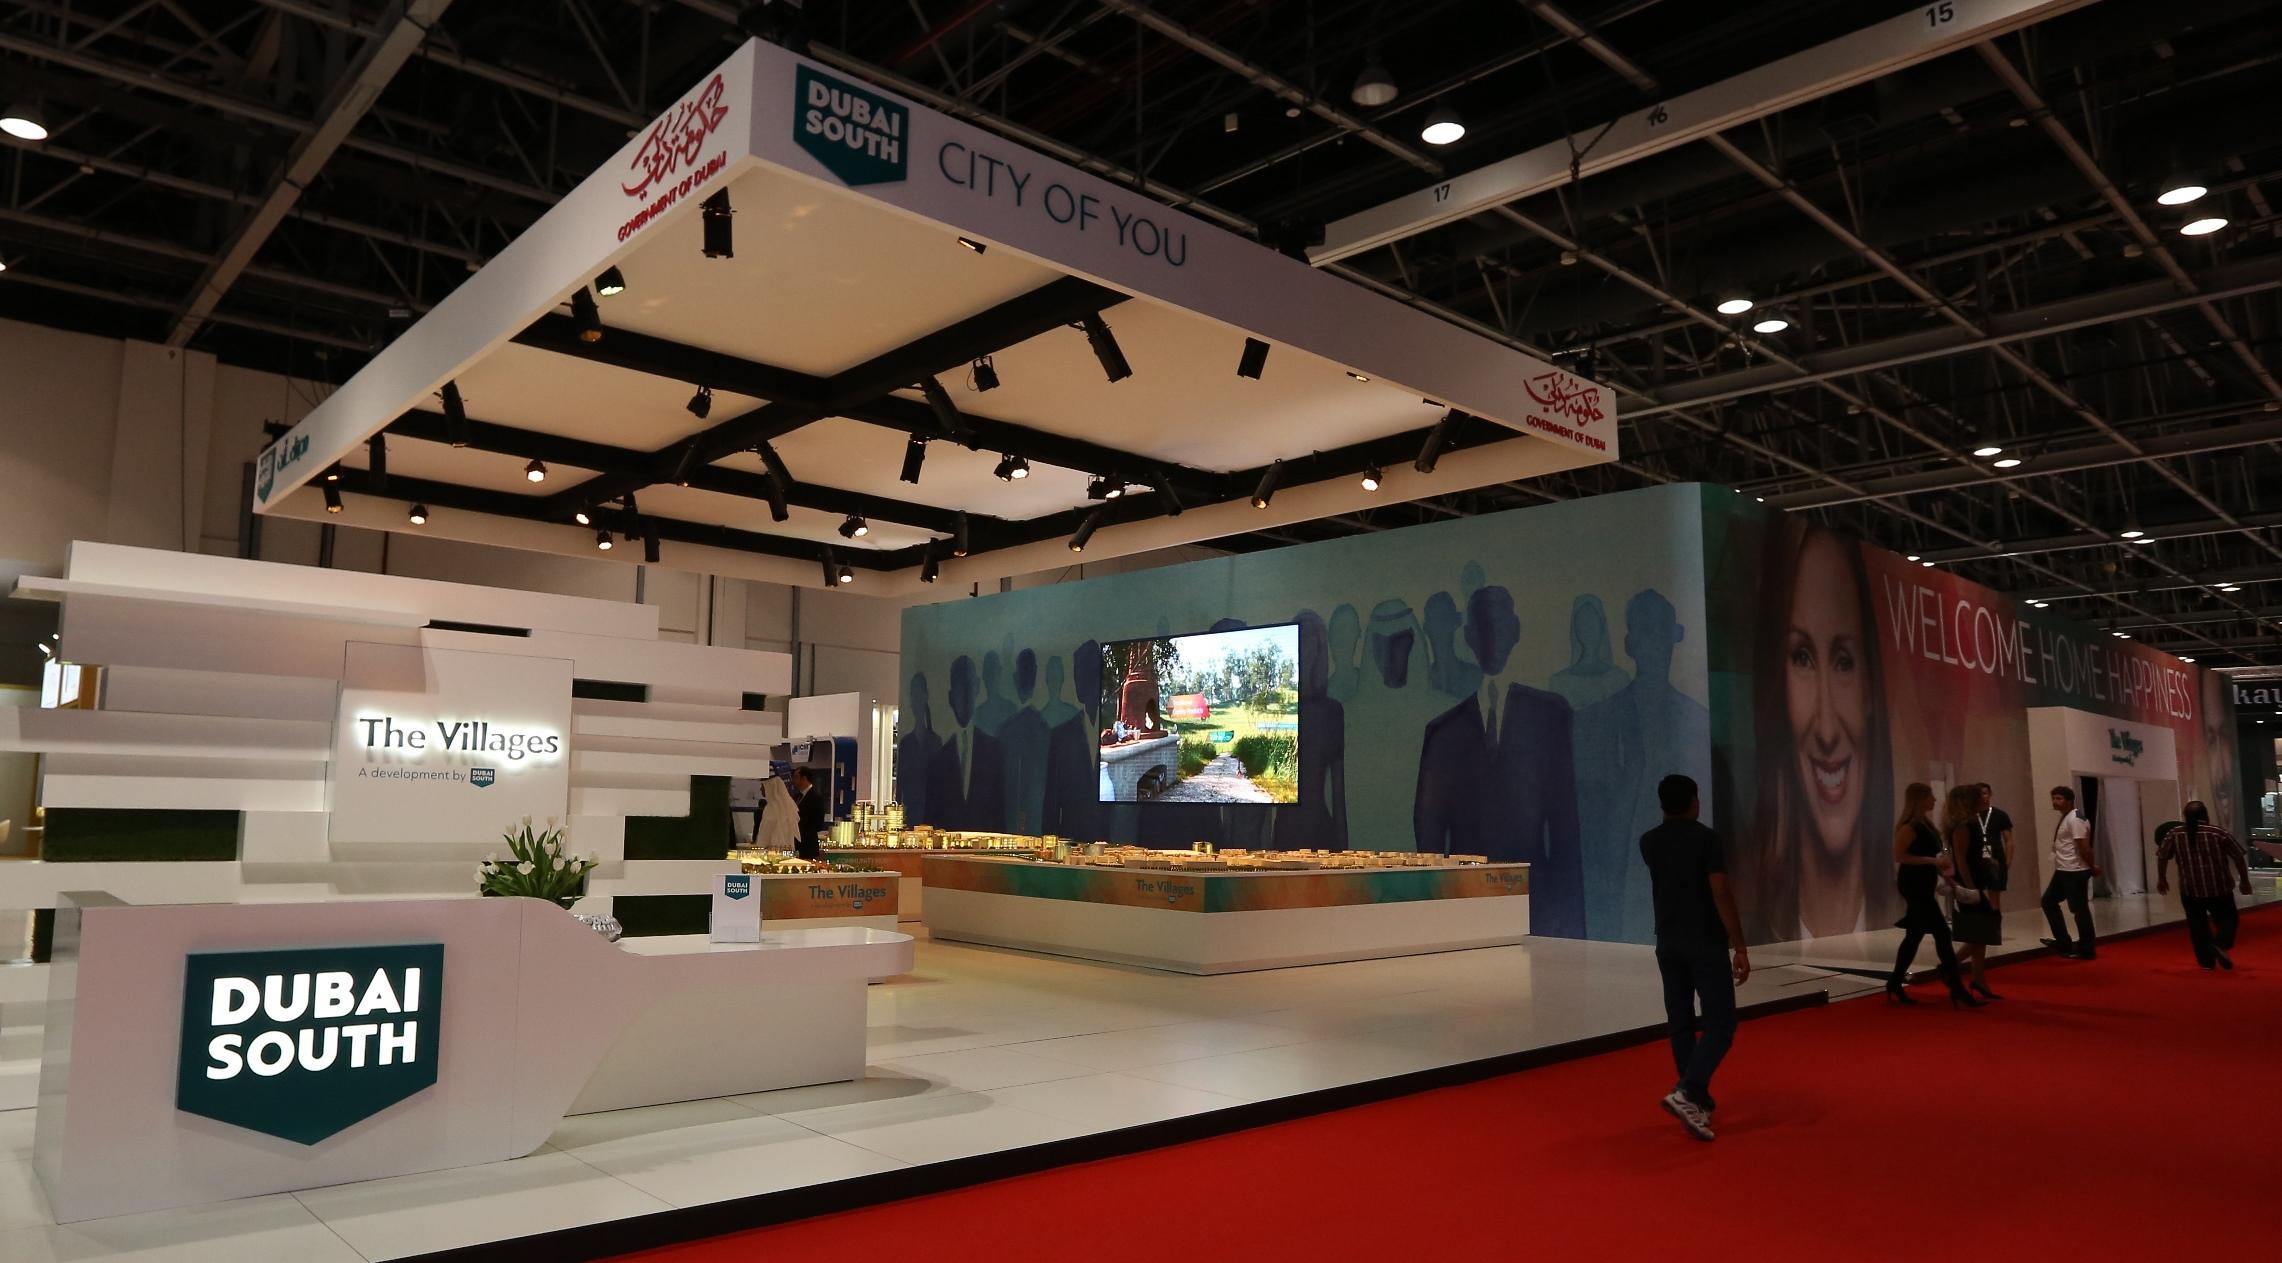 Dubai South unveils plans for Dhs 25bn village concept